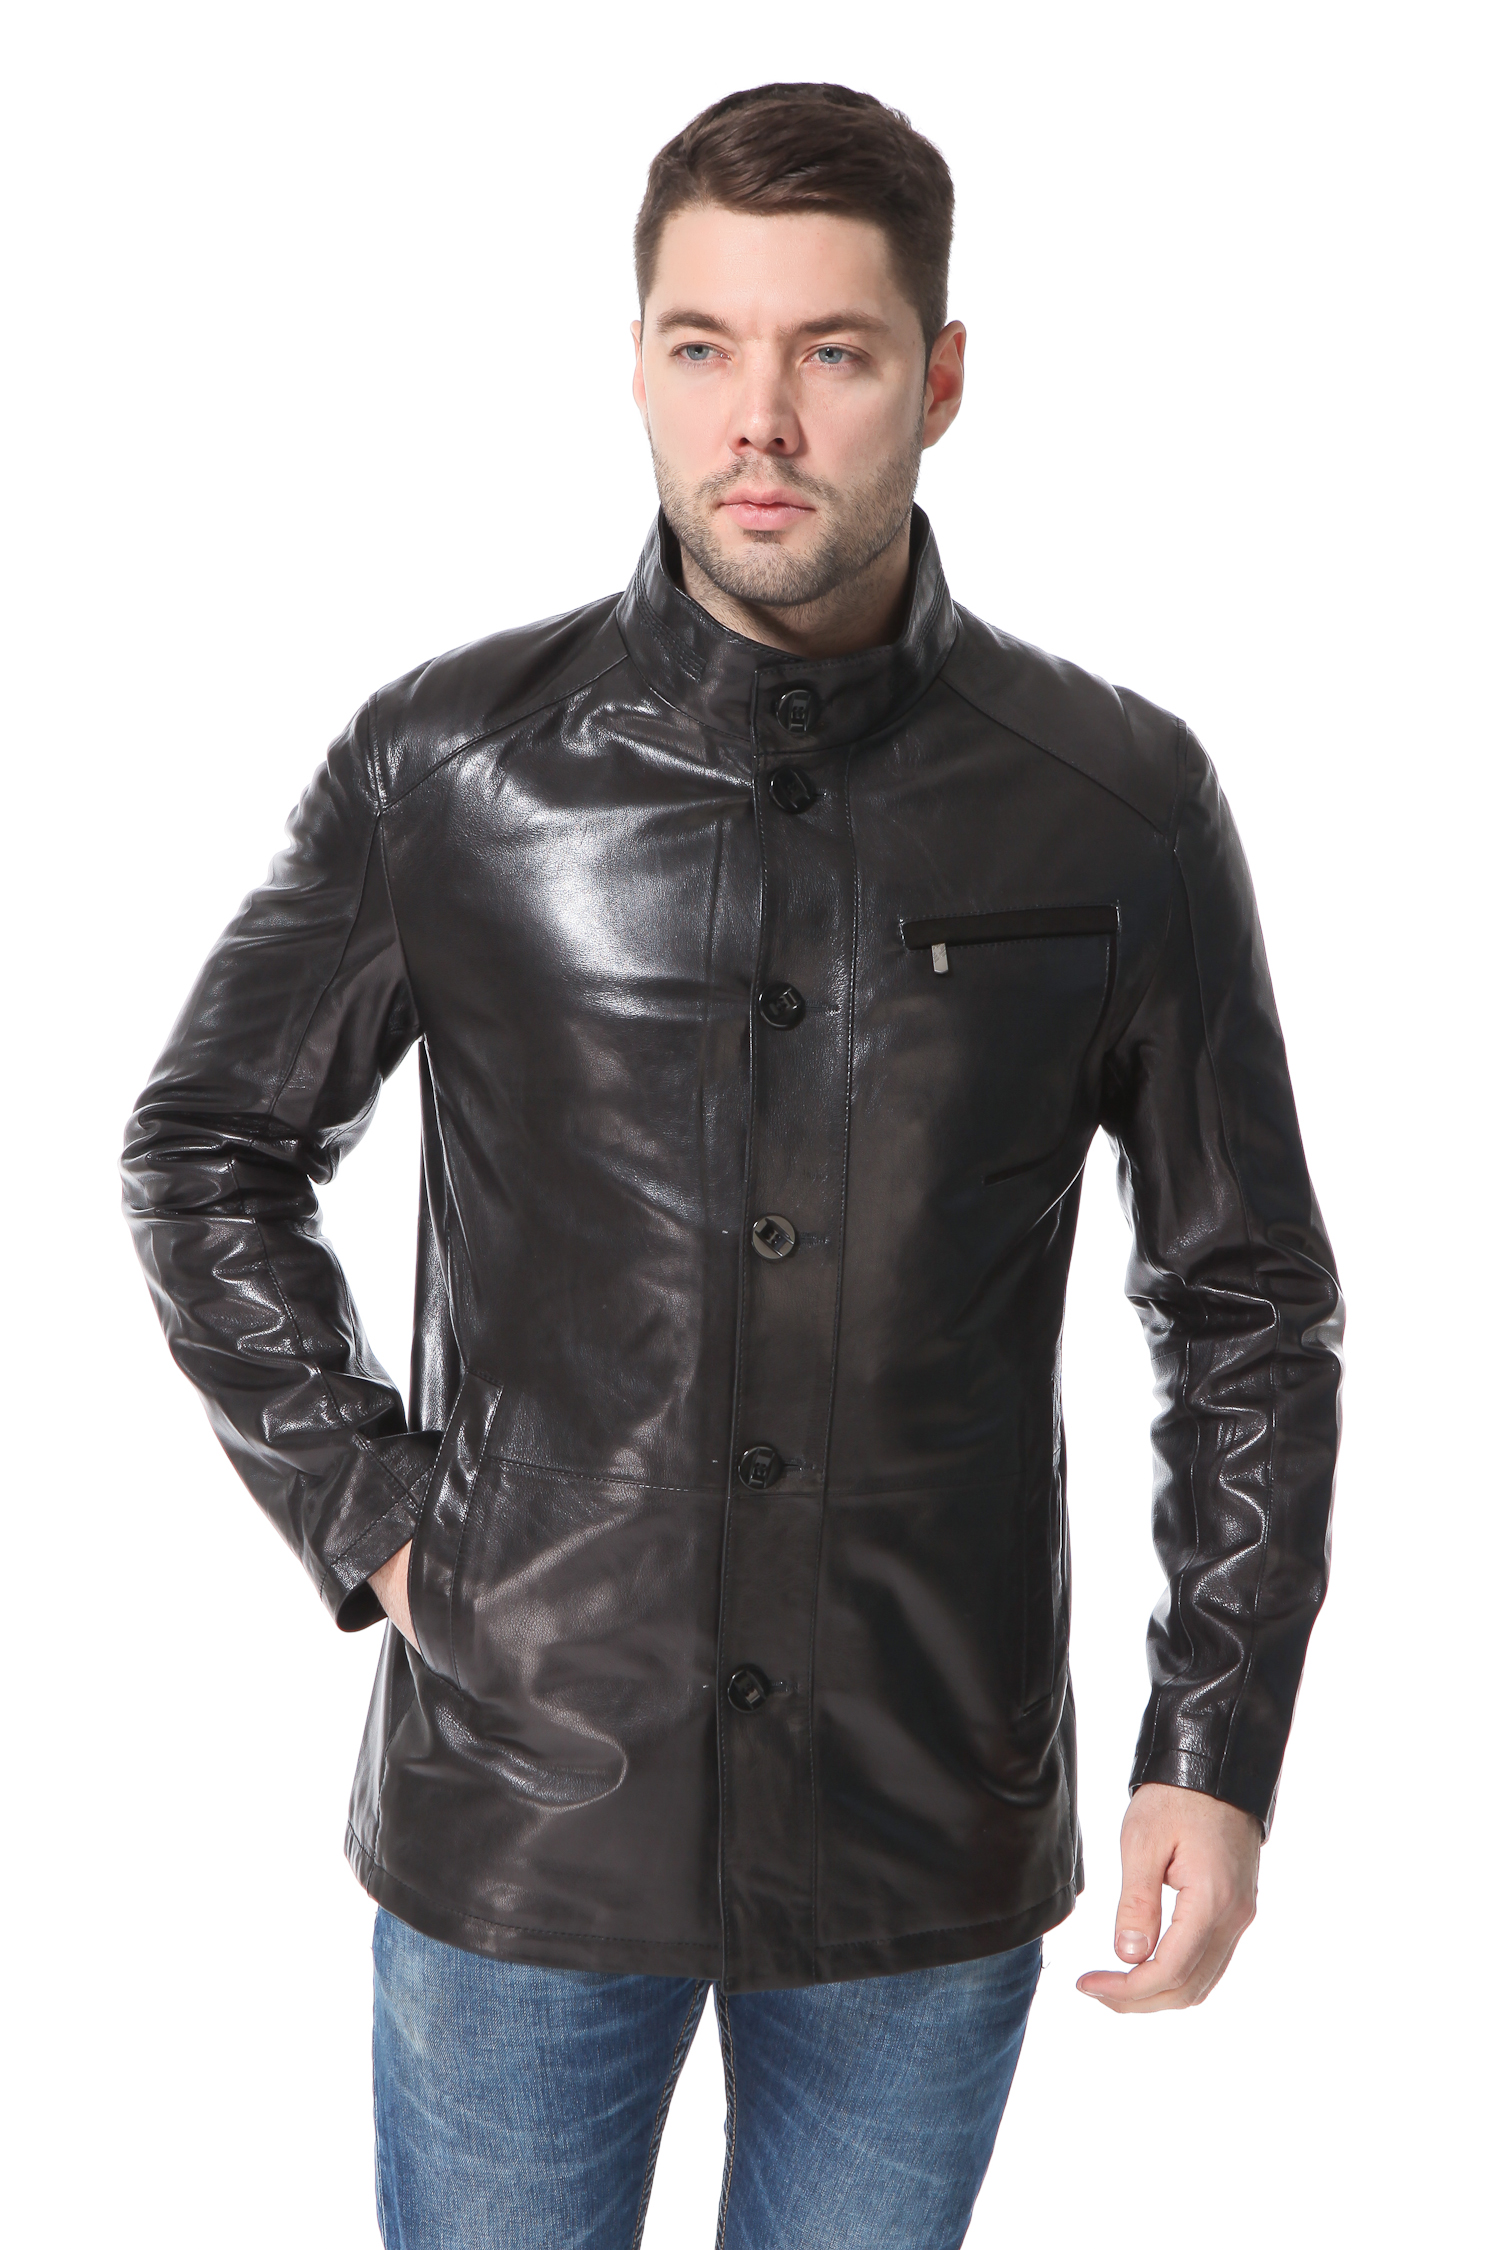 Мужская кожаная куртка из натуральной кожи с воротником, без отделкиЦвет  графит.<br><br>Крой построен на прямых, геометрических линиях. Модель выдержана в традициях строгости и элегантности. Идеально выверенные лекала обеспечивают безупречную посадку, делая силуэт очень пропорциональным. Имитация реглана и прорезной нагрудный карман с металлической молнией, строгий воротник стойка и планка с пуговицами в тон изделия делают образ очень графичным и выразительным. Это качественная базовая вещь, станет хорошим пополнением гардероба на многие сезоны вперед. Модель ярко подчеркнет силу и уверенность ее обладателя.<br><br>Воротник: стойка<br>Длина см: Средняя (75-89 )<br>Материал: Кожа овчина<br>Цвет: черный<br>Вид застежки: центральная<br>Застежка: пуговицы<br>Пол: Мужской<br>Размер RU: 48